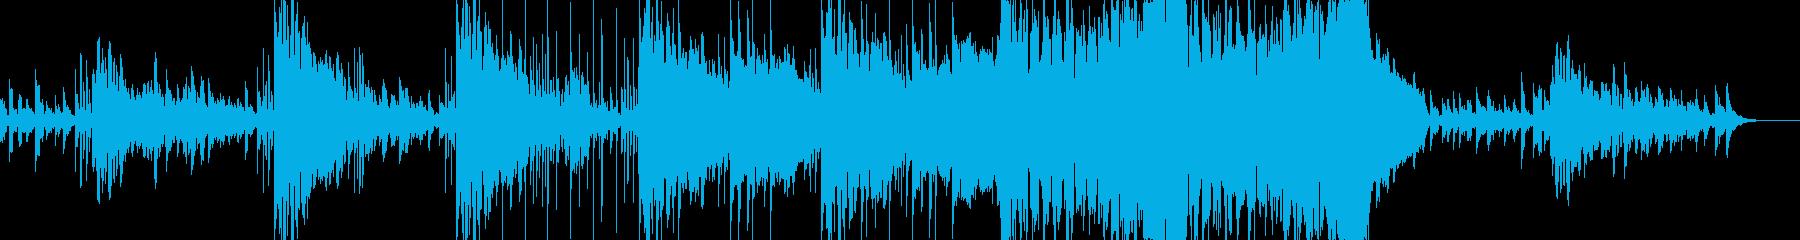 不安な気分を表現したエレクトロニカの再生済みの波形